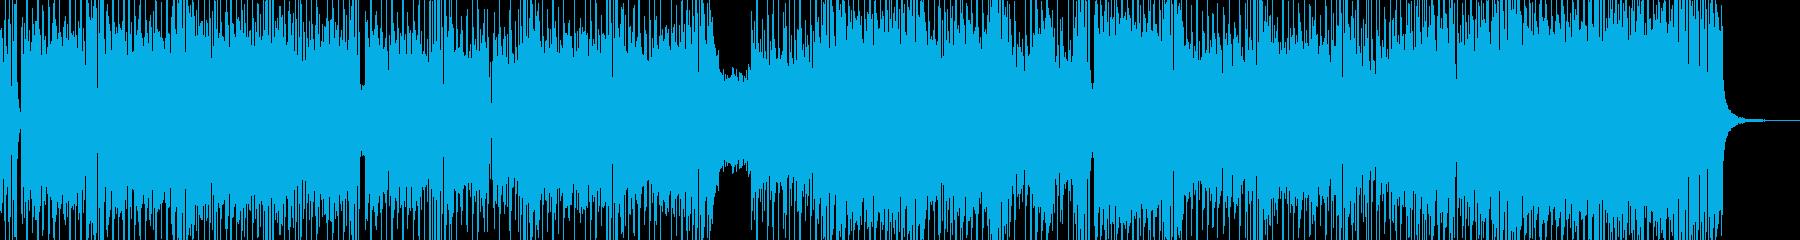 危機・荒々しいテクノ 後半エレキギターの再生済みの波形